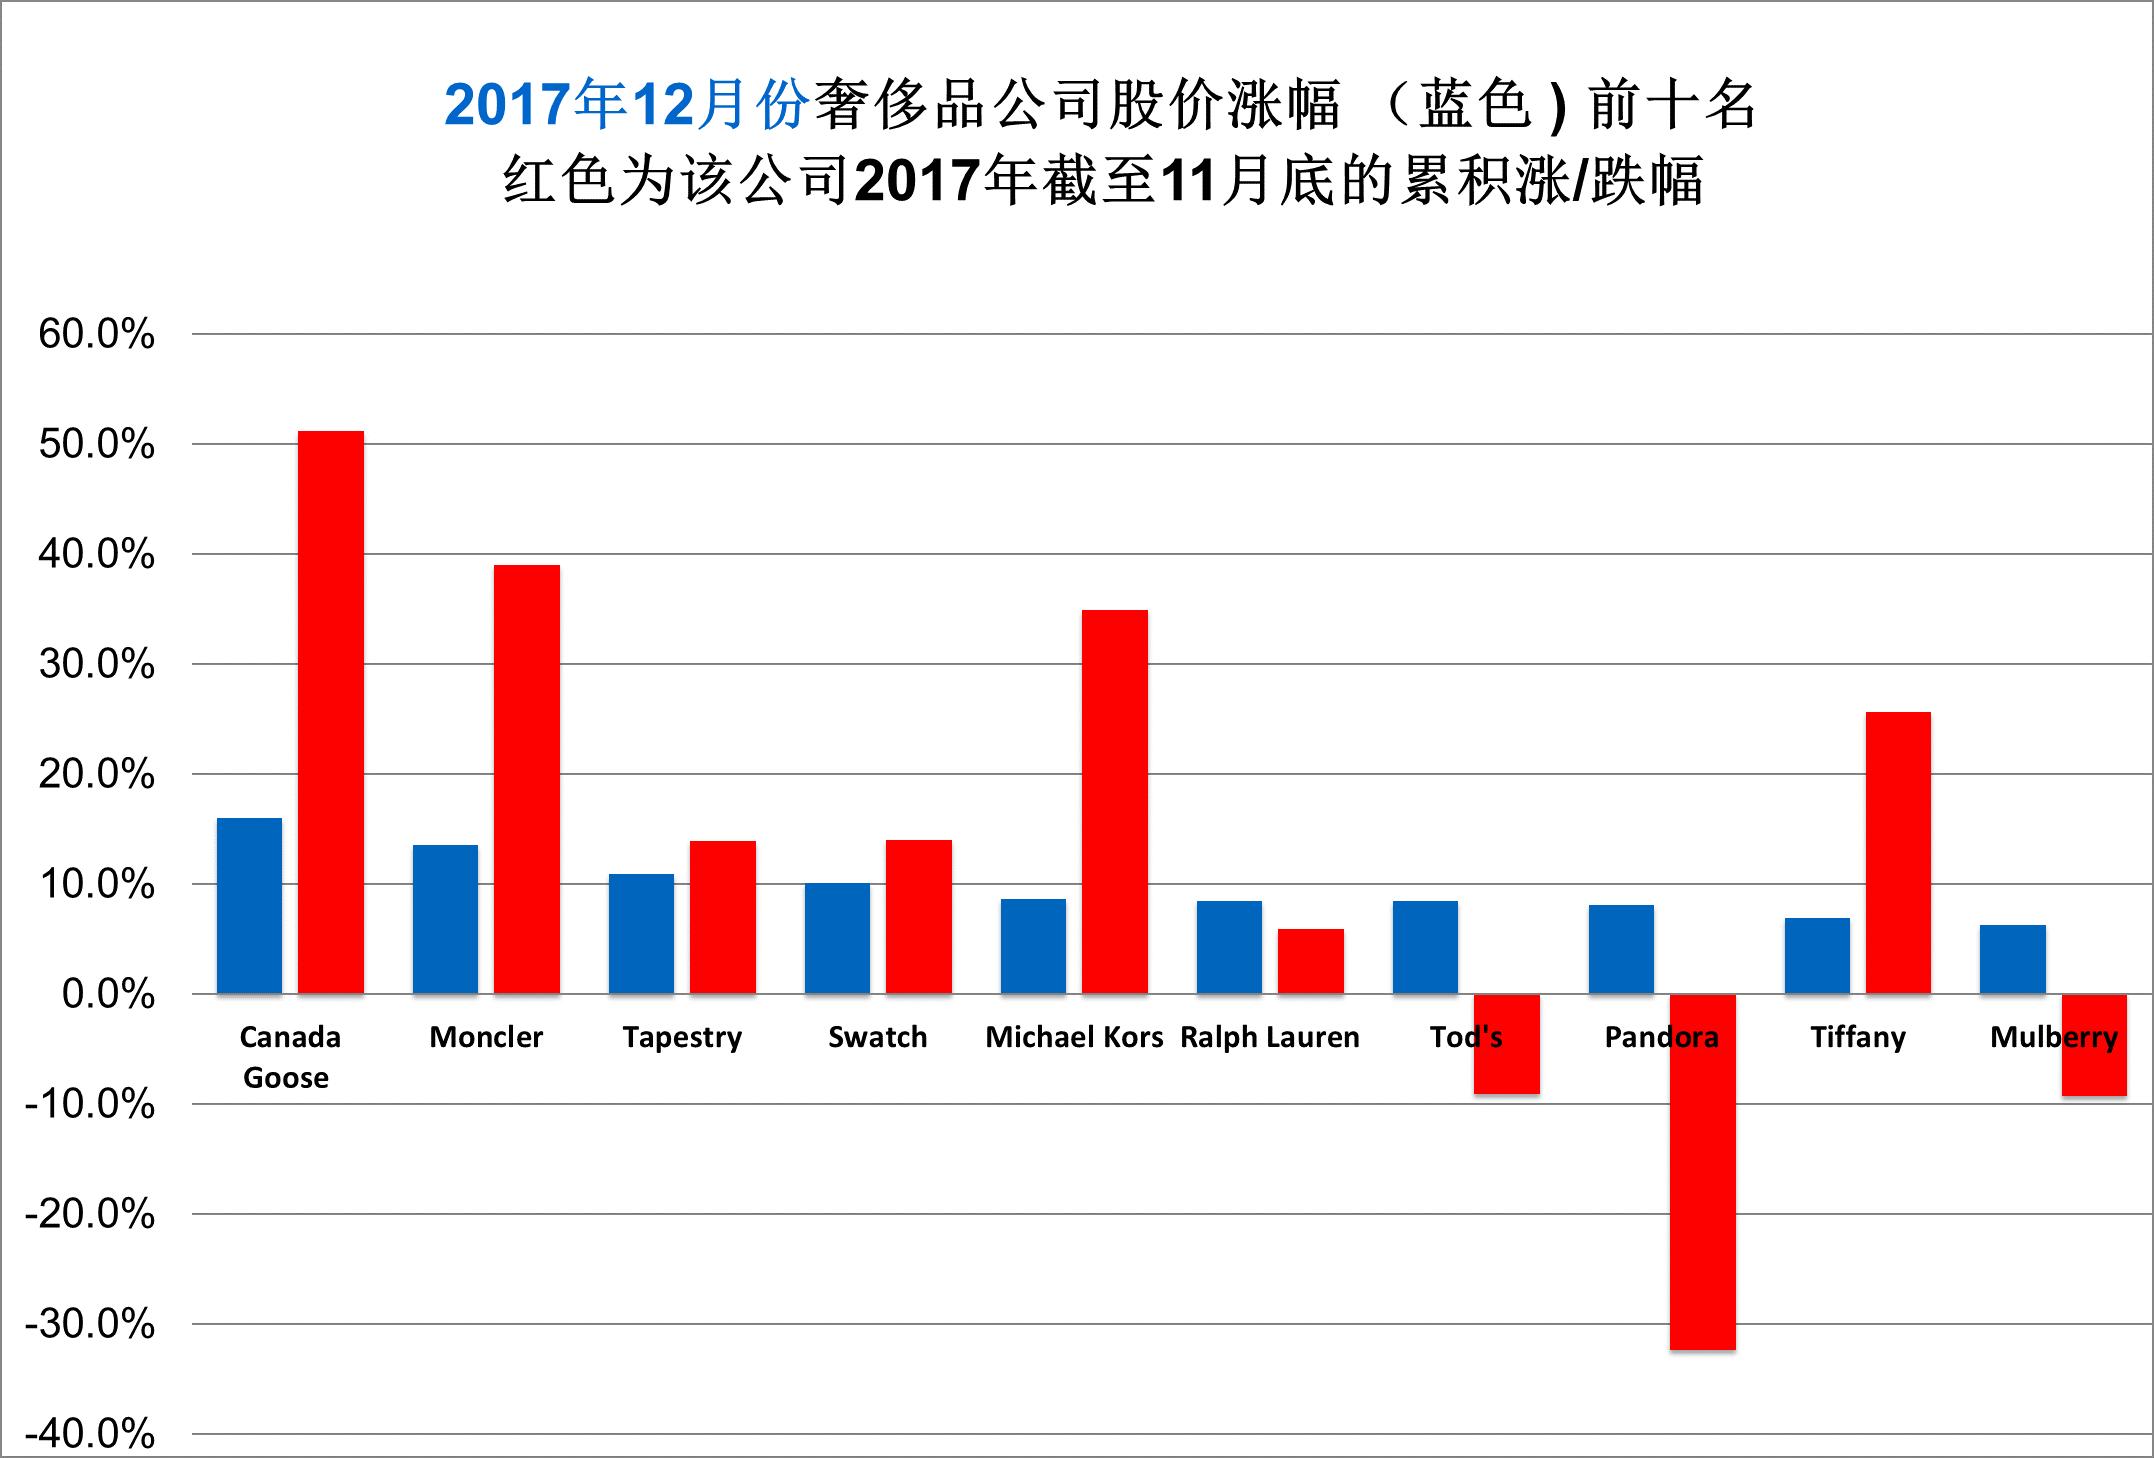 《华丽志》奢侈品股票月度排行榜(2017年12月)